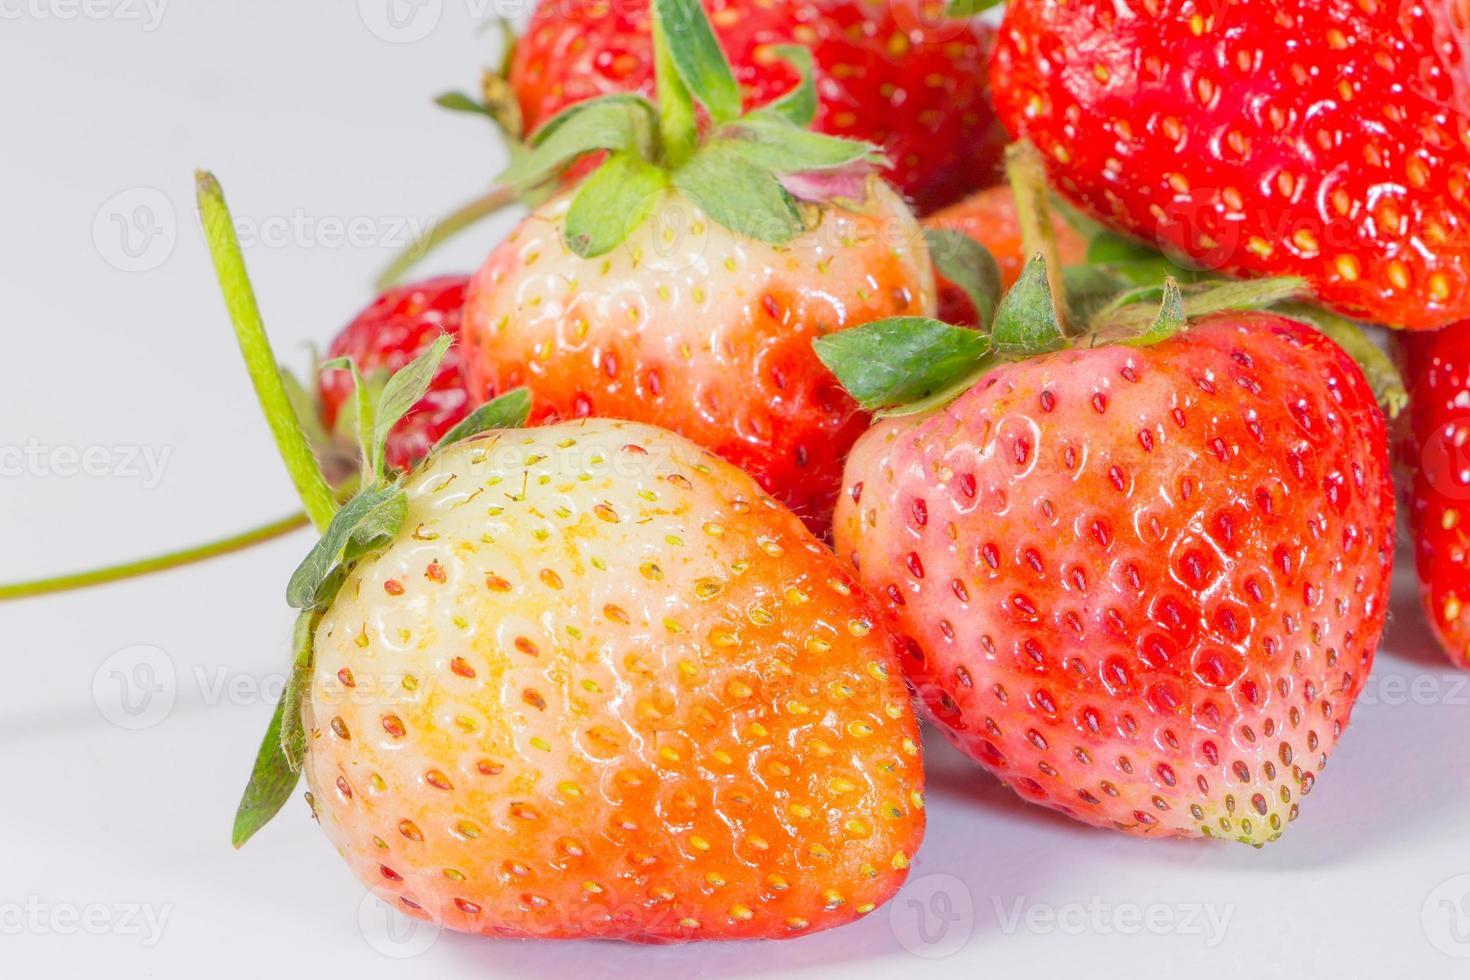 schließen Sie frische Erdbeere foto